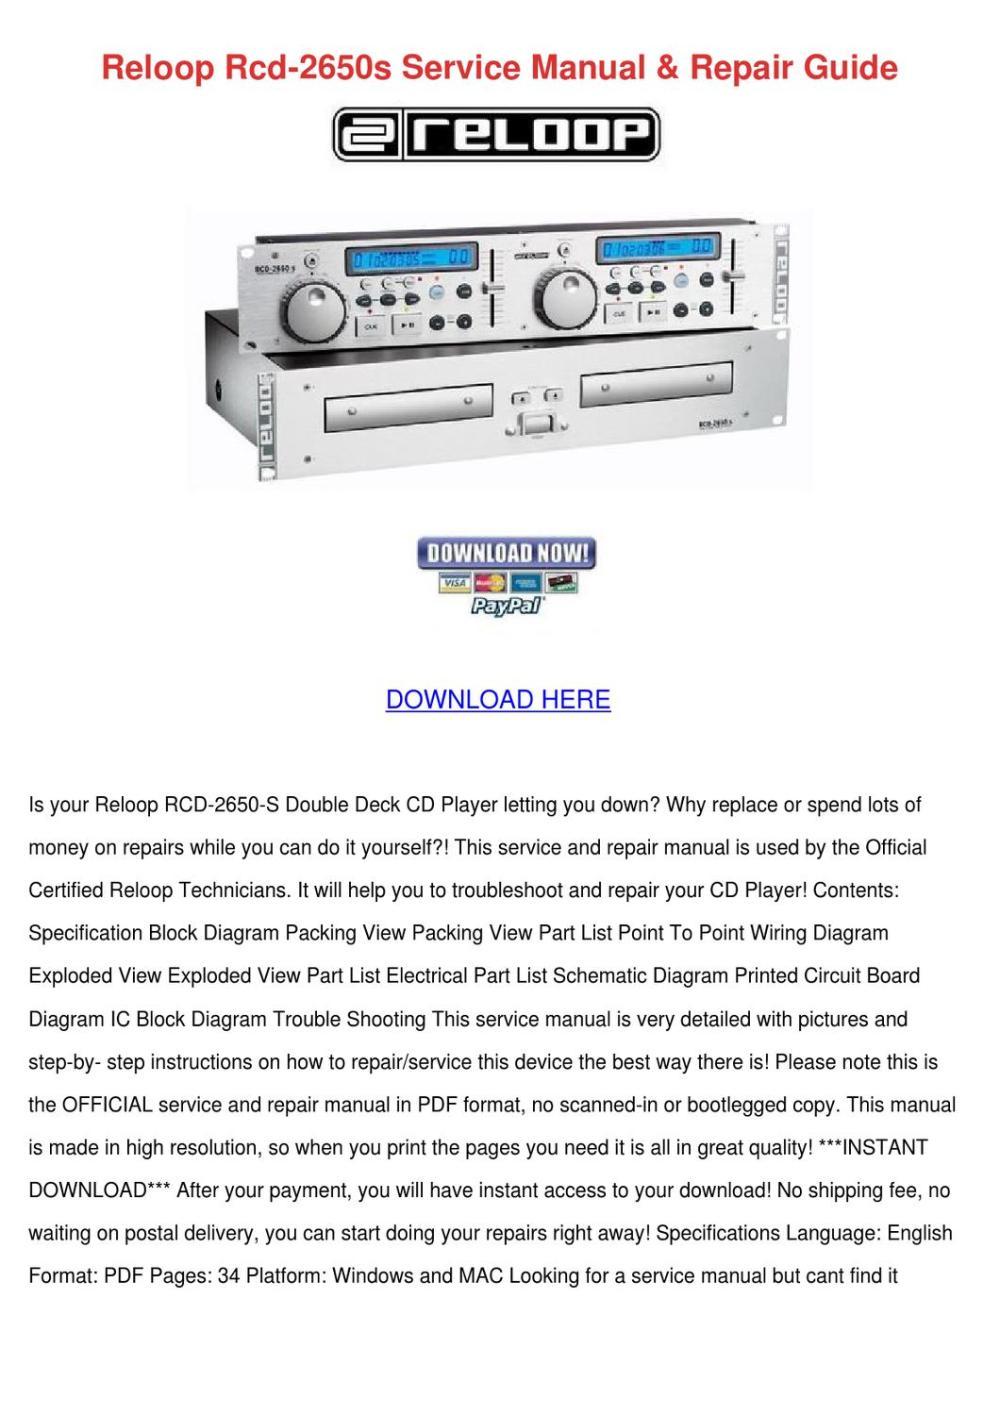 medium resolution of reloop rcd 2650s service manual repair guide